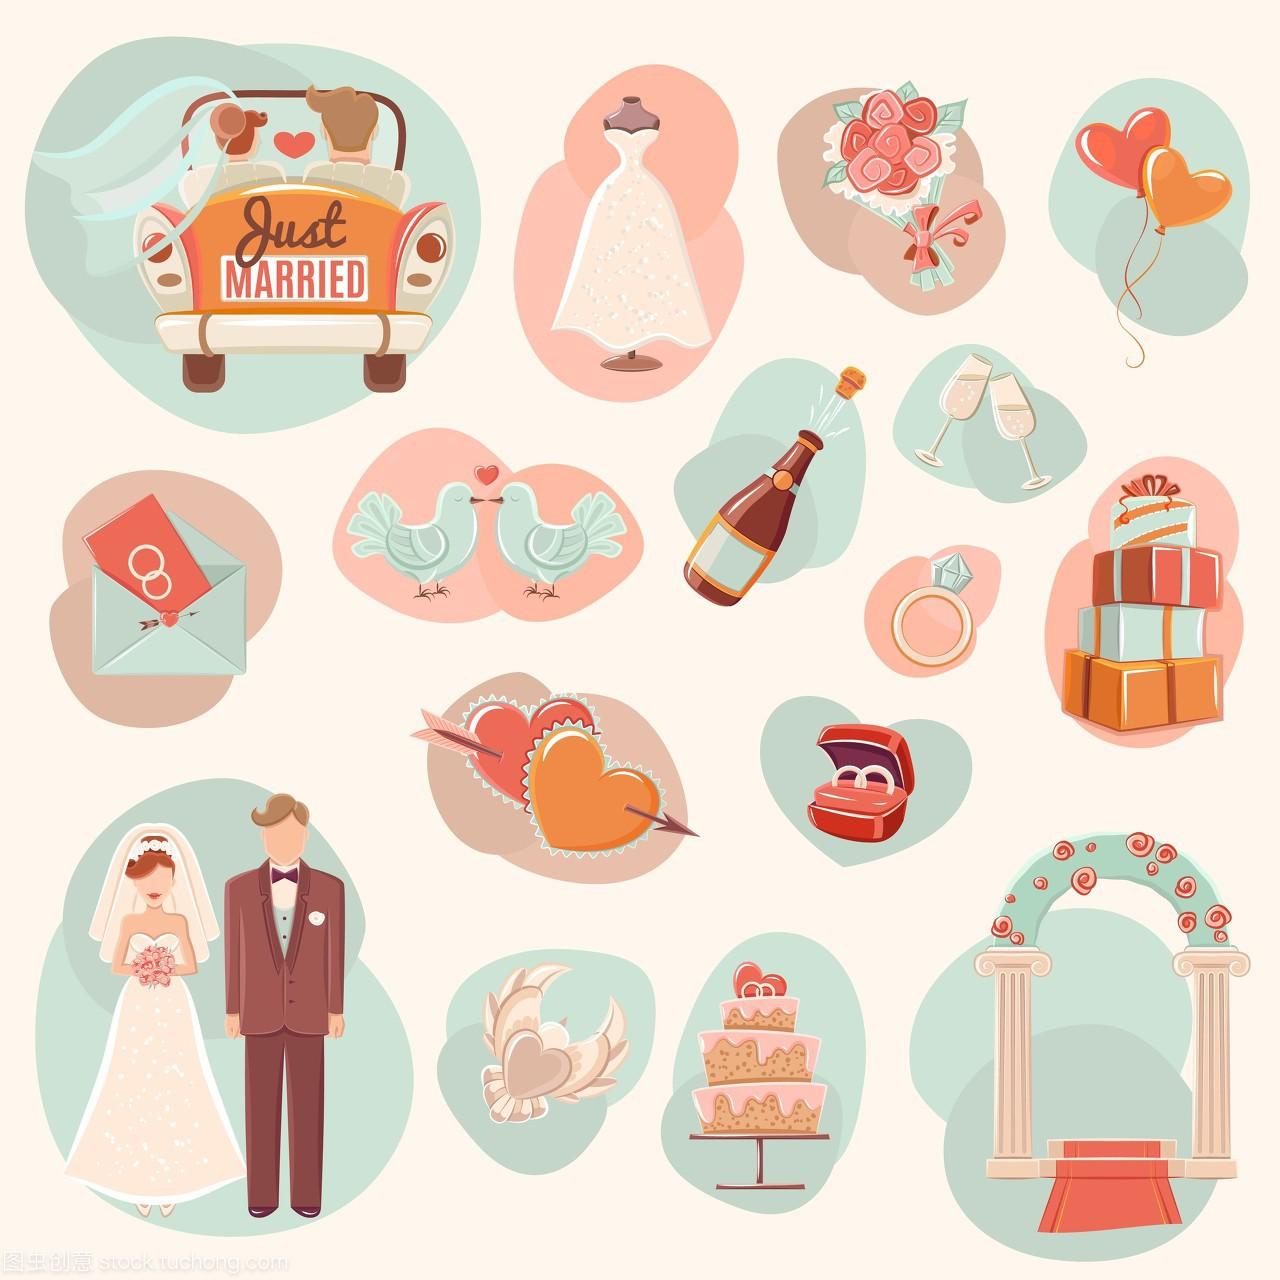 婚庆概念扁平图标,订婚婚礼派对和蜂蜜月亮概